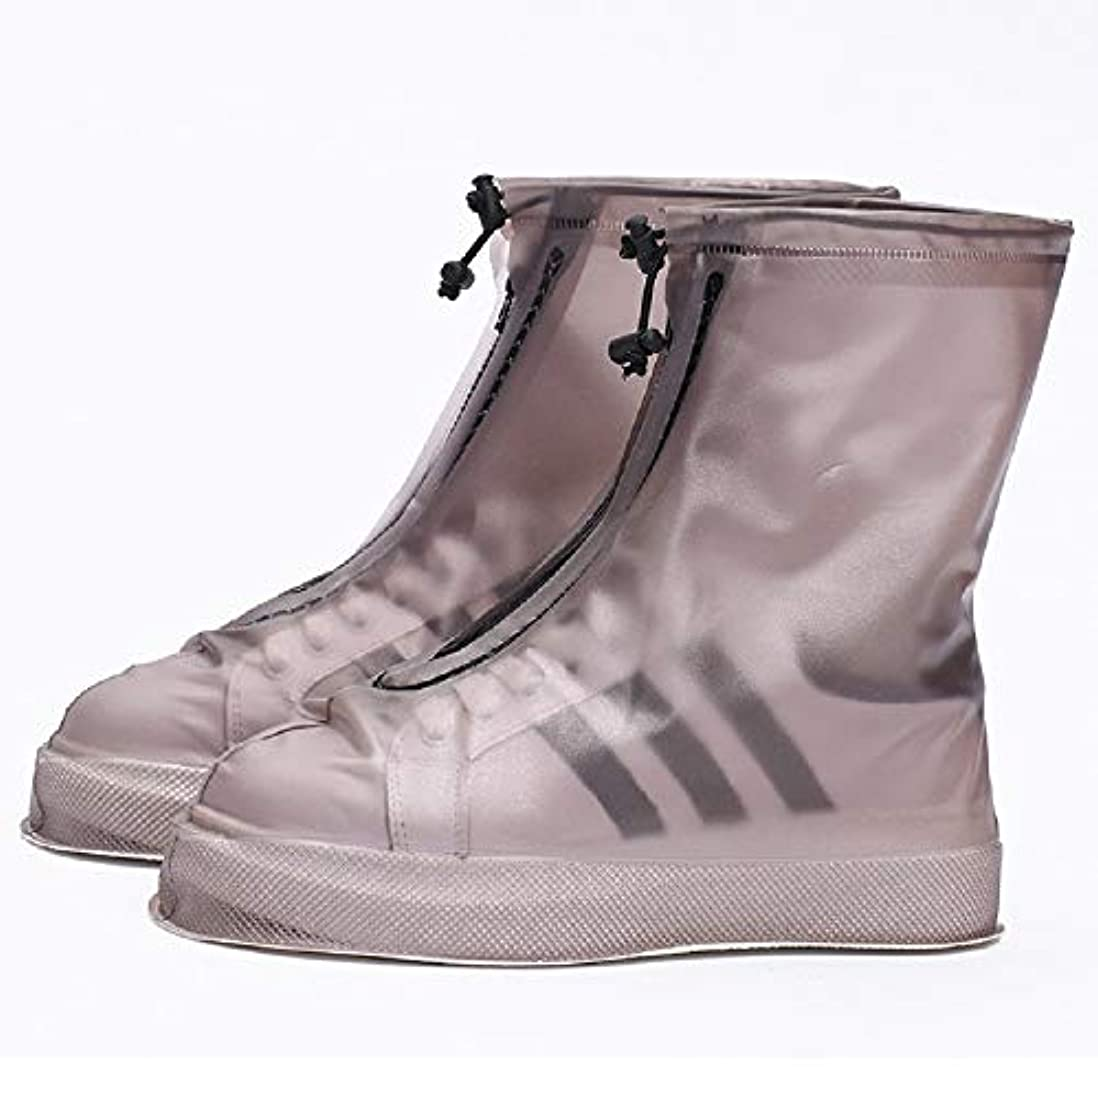 商標ランドマークライラック防水靴カバー、再利用可能なレインブーツ滑り止めサイクリングオーバーシューズ4色 (Color : Black, Size : EU-42)